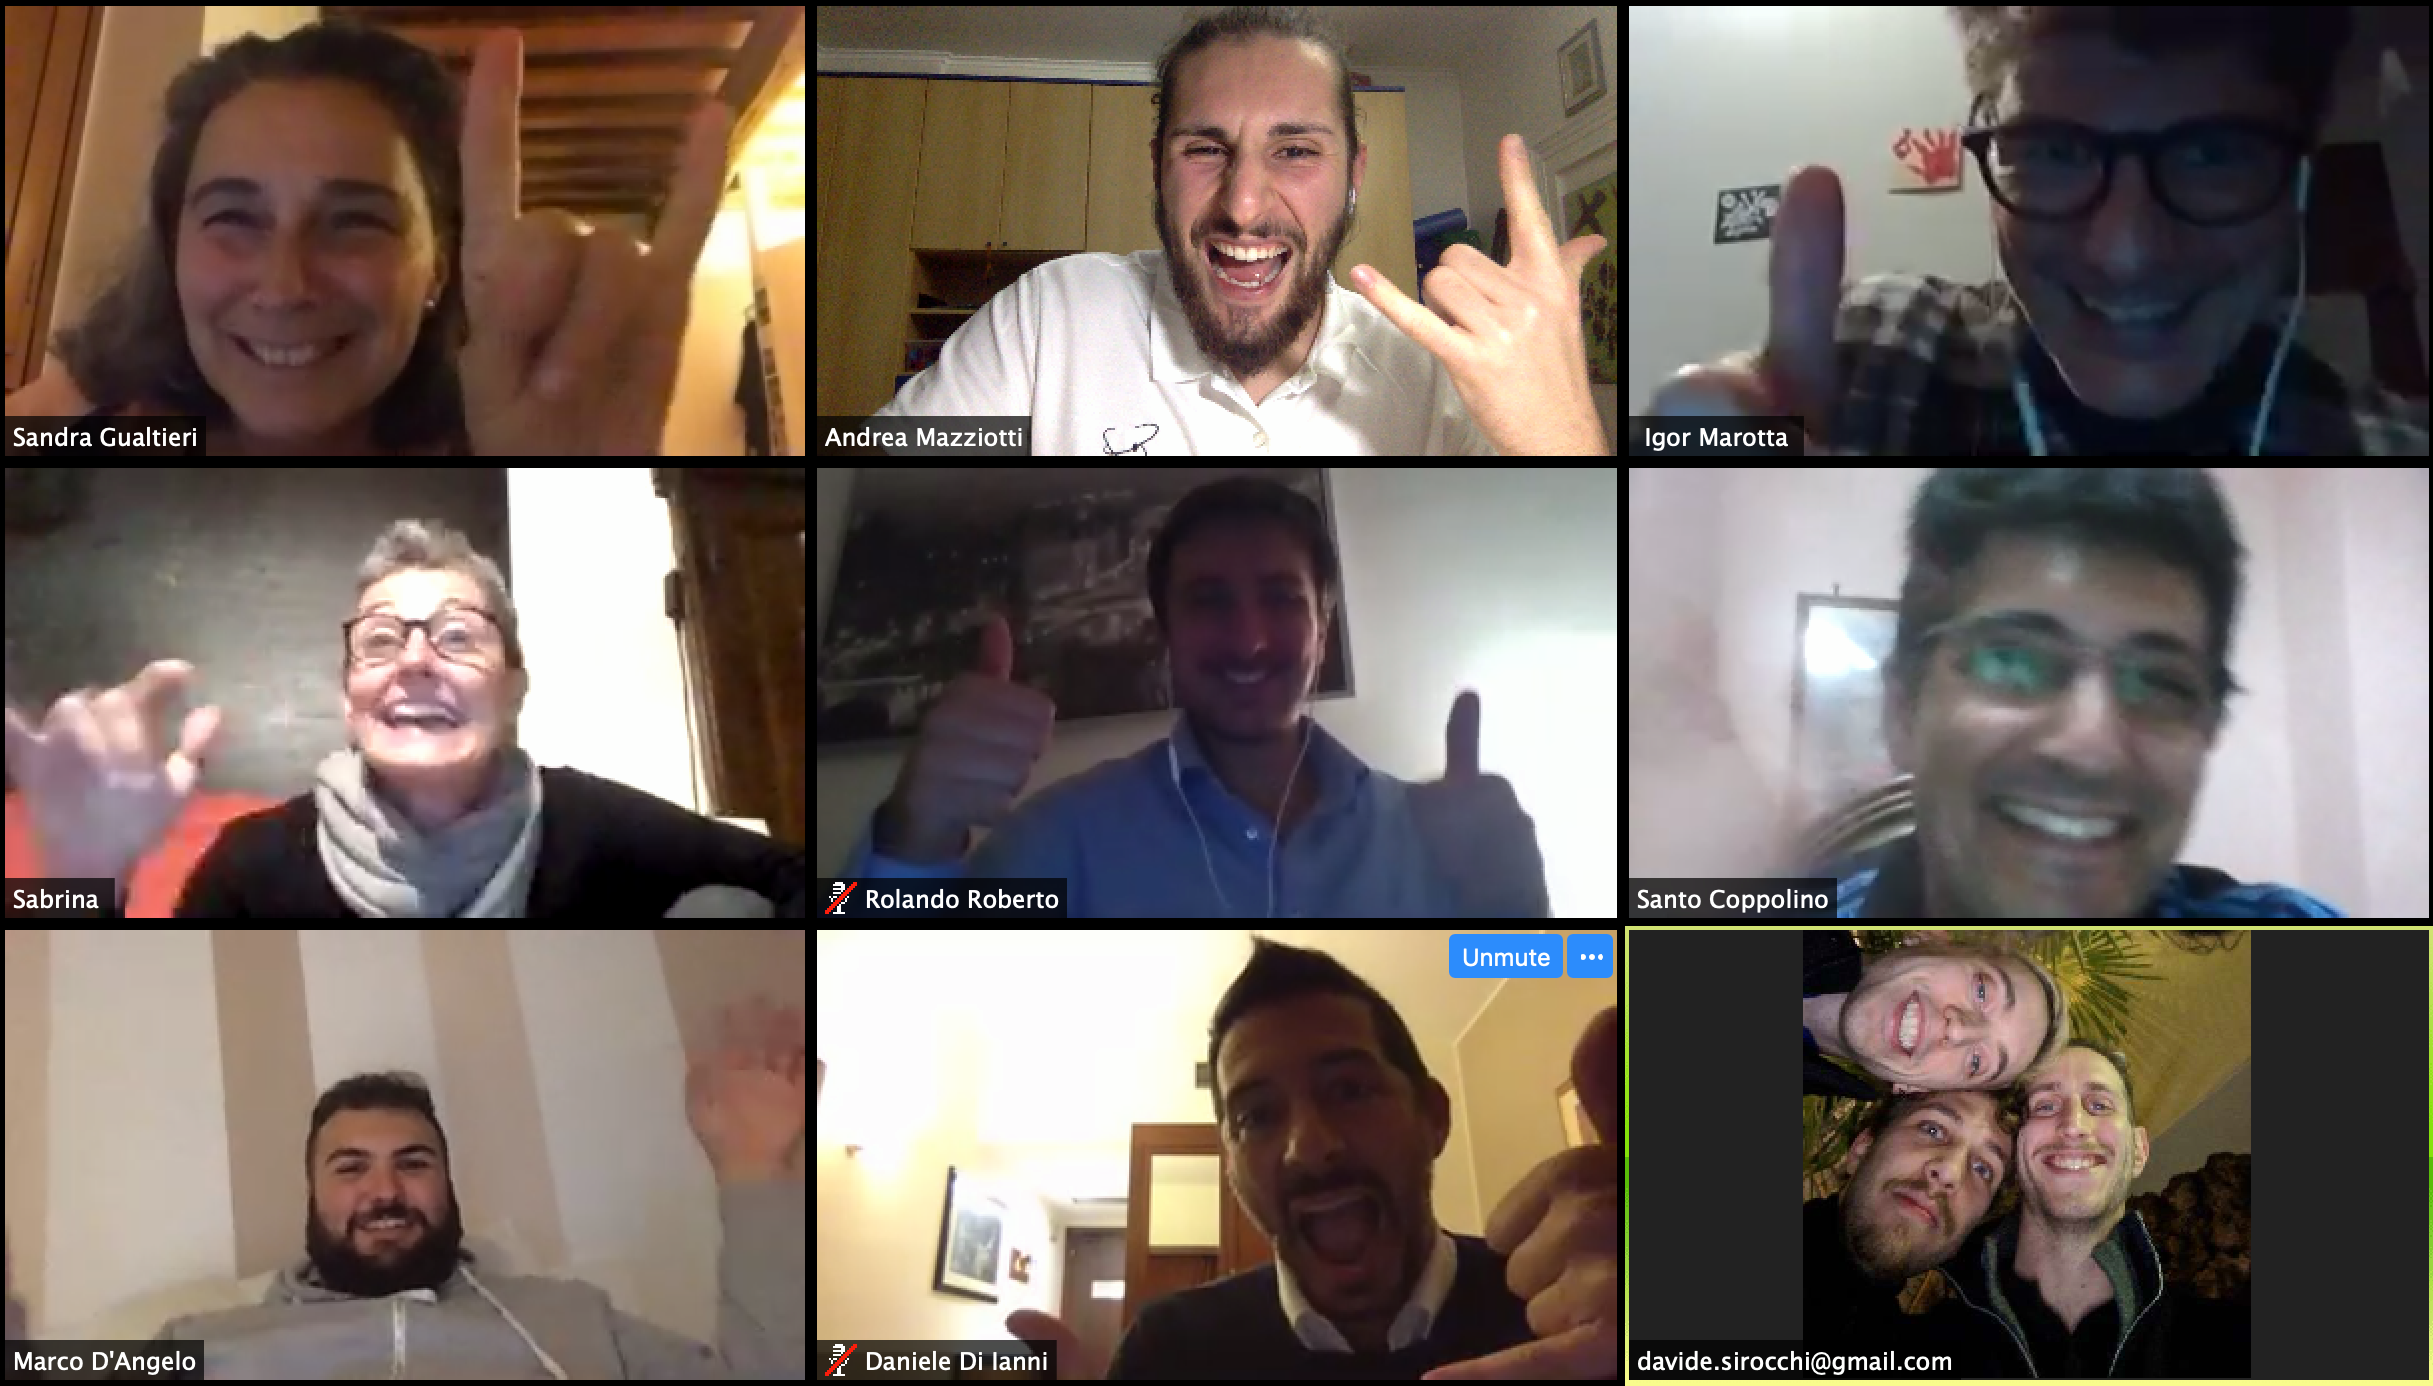 INCONTRI SETTIMANALI - Ogni martedì ore 21:00 ci incontriamo in videocall per discutere di scienza e tecnologia: Blockchain, Intelligenza Artificiale, Robotica, Editing Genetico, ecc con tutte le relative implicazioni etiche, sociali e morali. La conoscenza della Community, sviluppata nel corso di più di un anno di incontri digitali in un vasto archivio video di oltre 100 ore cui ogni associato può accedere. I nostri incontri sono pensati per costruire team, scambiarsi idee, iniziare progetti, imparare skills utili per mettersi in gioco. I nostri format sono il Salon, Show and Tell e Sviluppa una Skill.